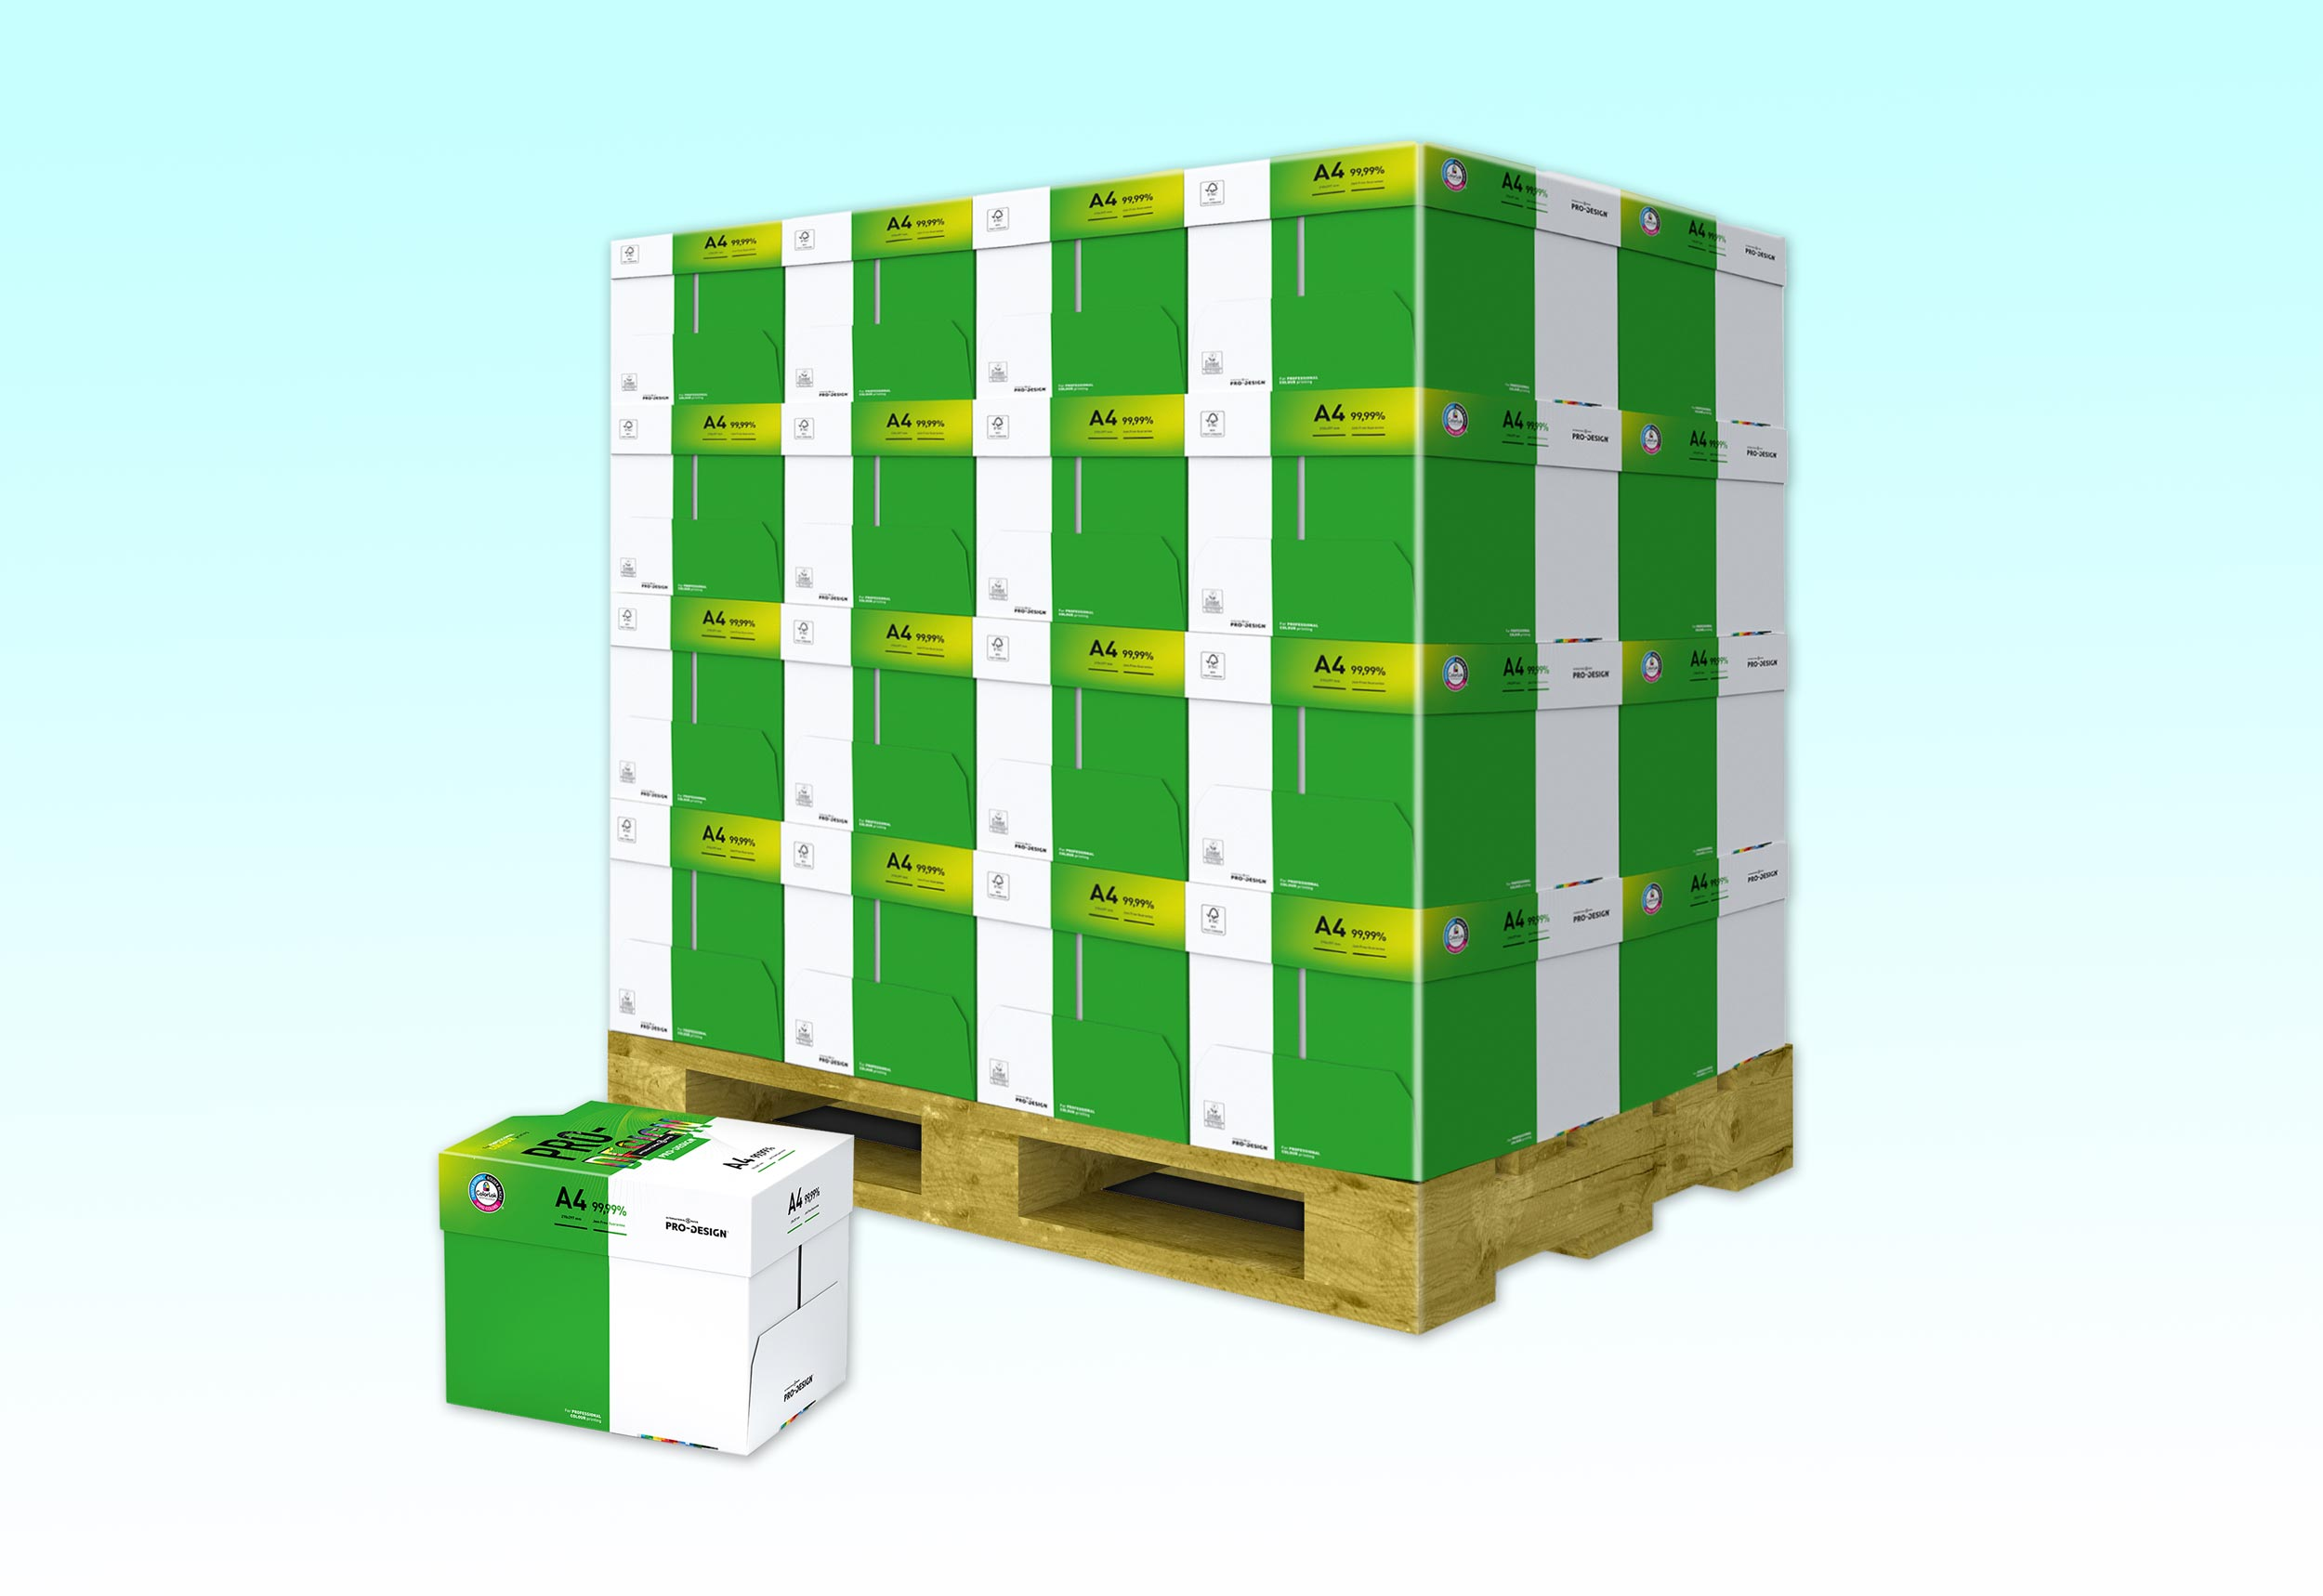 pro_design_pallet_of_a4_boxes